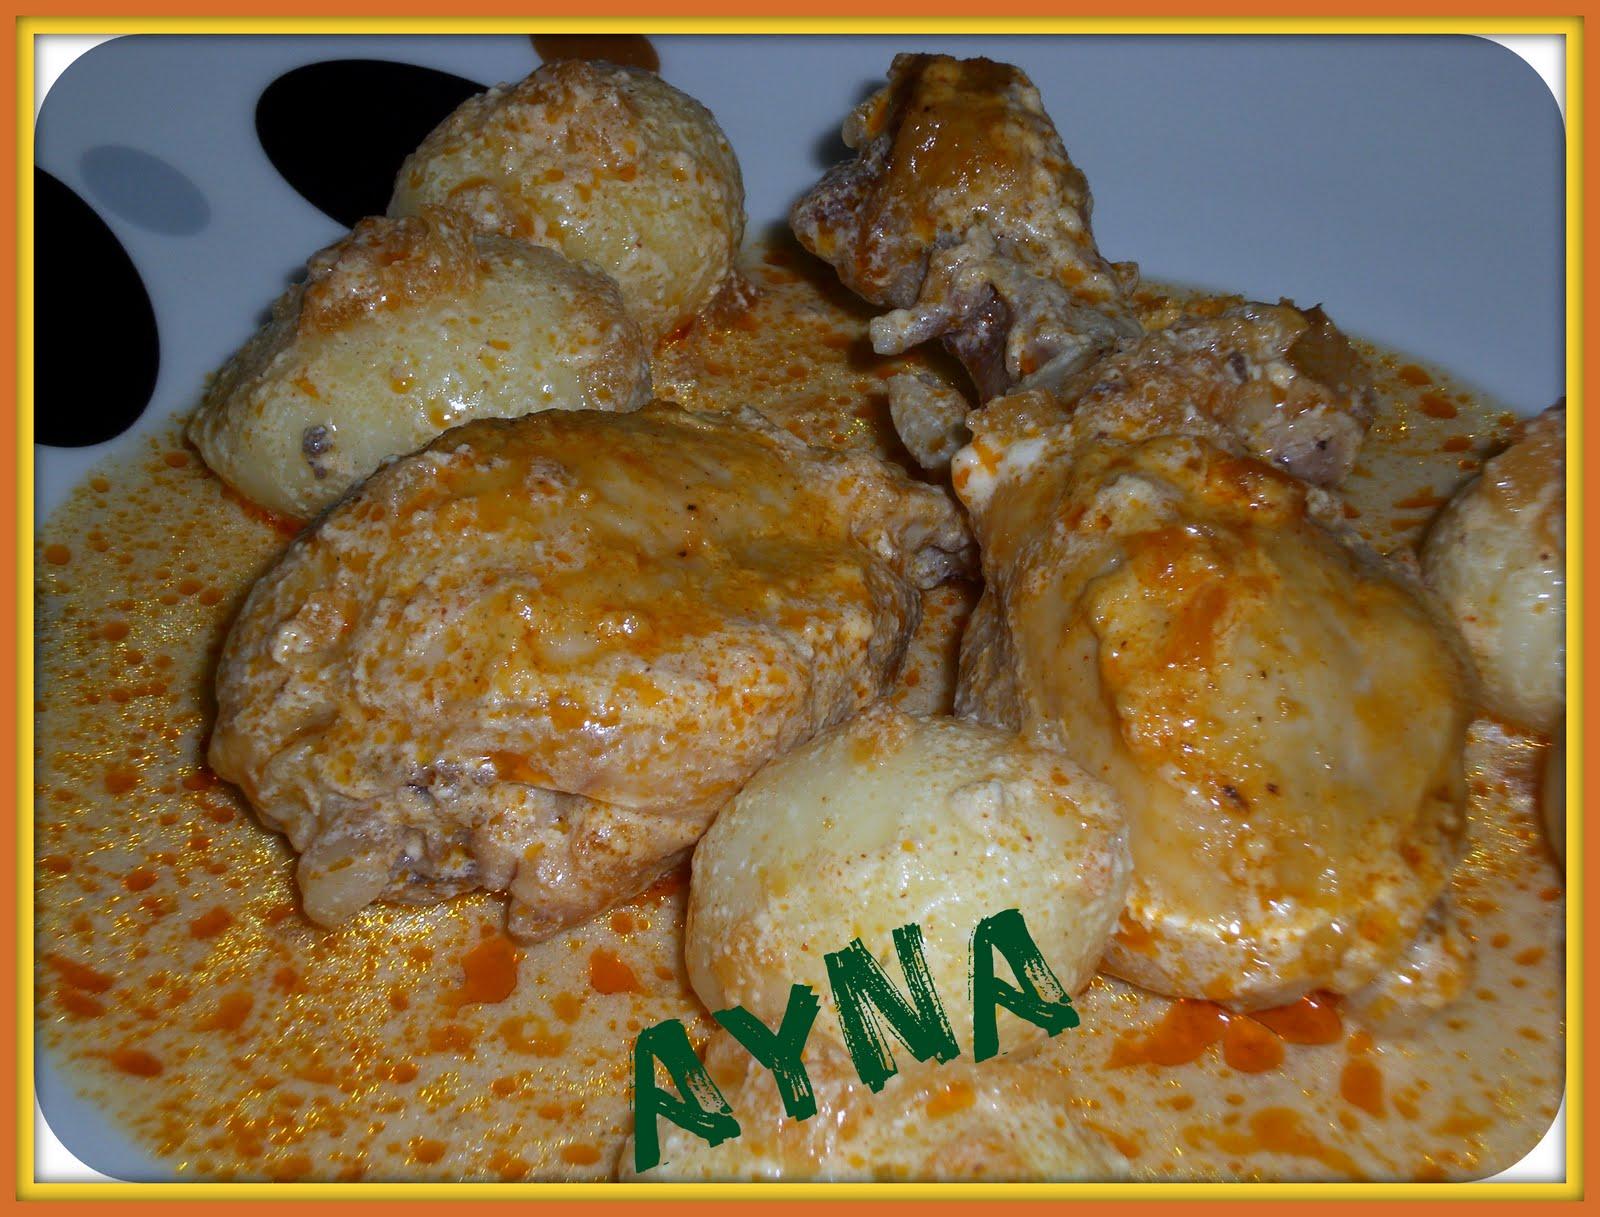 Ayna elmundodemaria muslos de pollo con salsa blanca for Muslos pollo en salsa